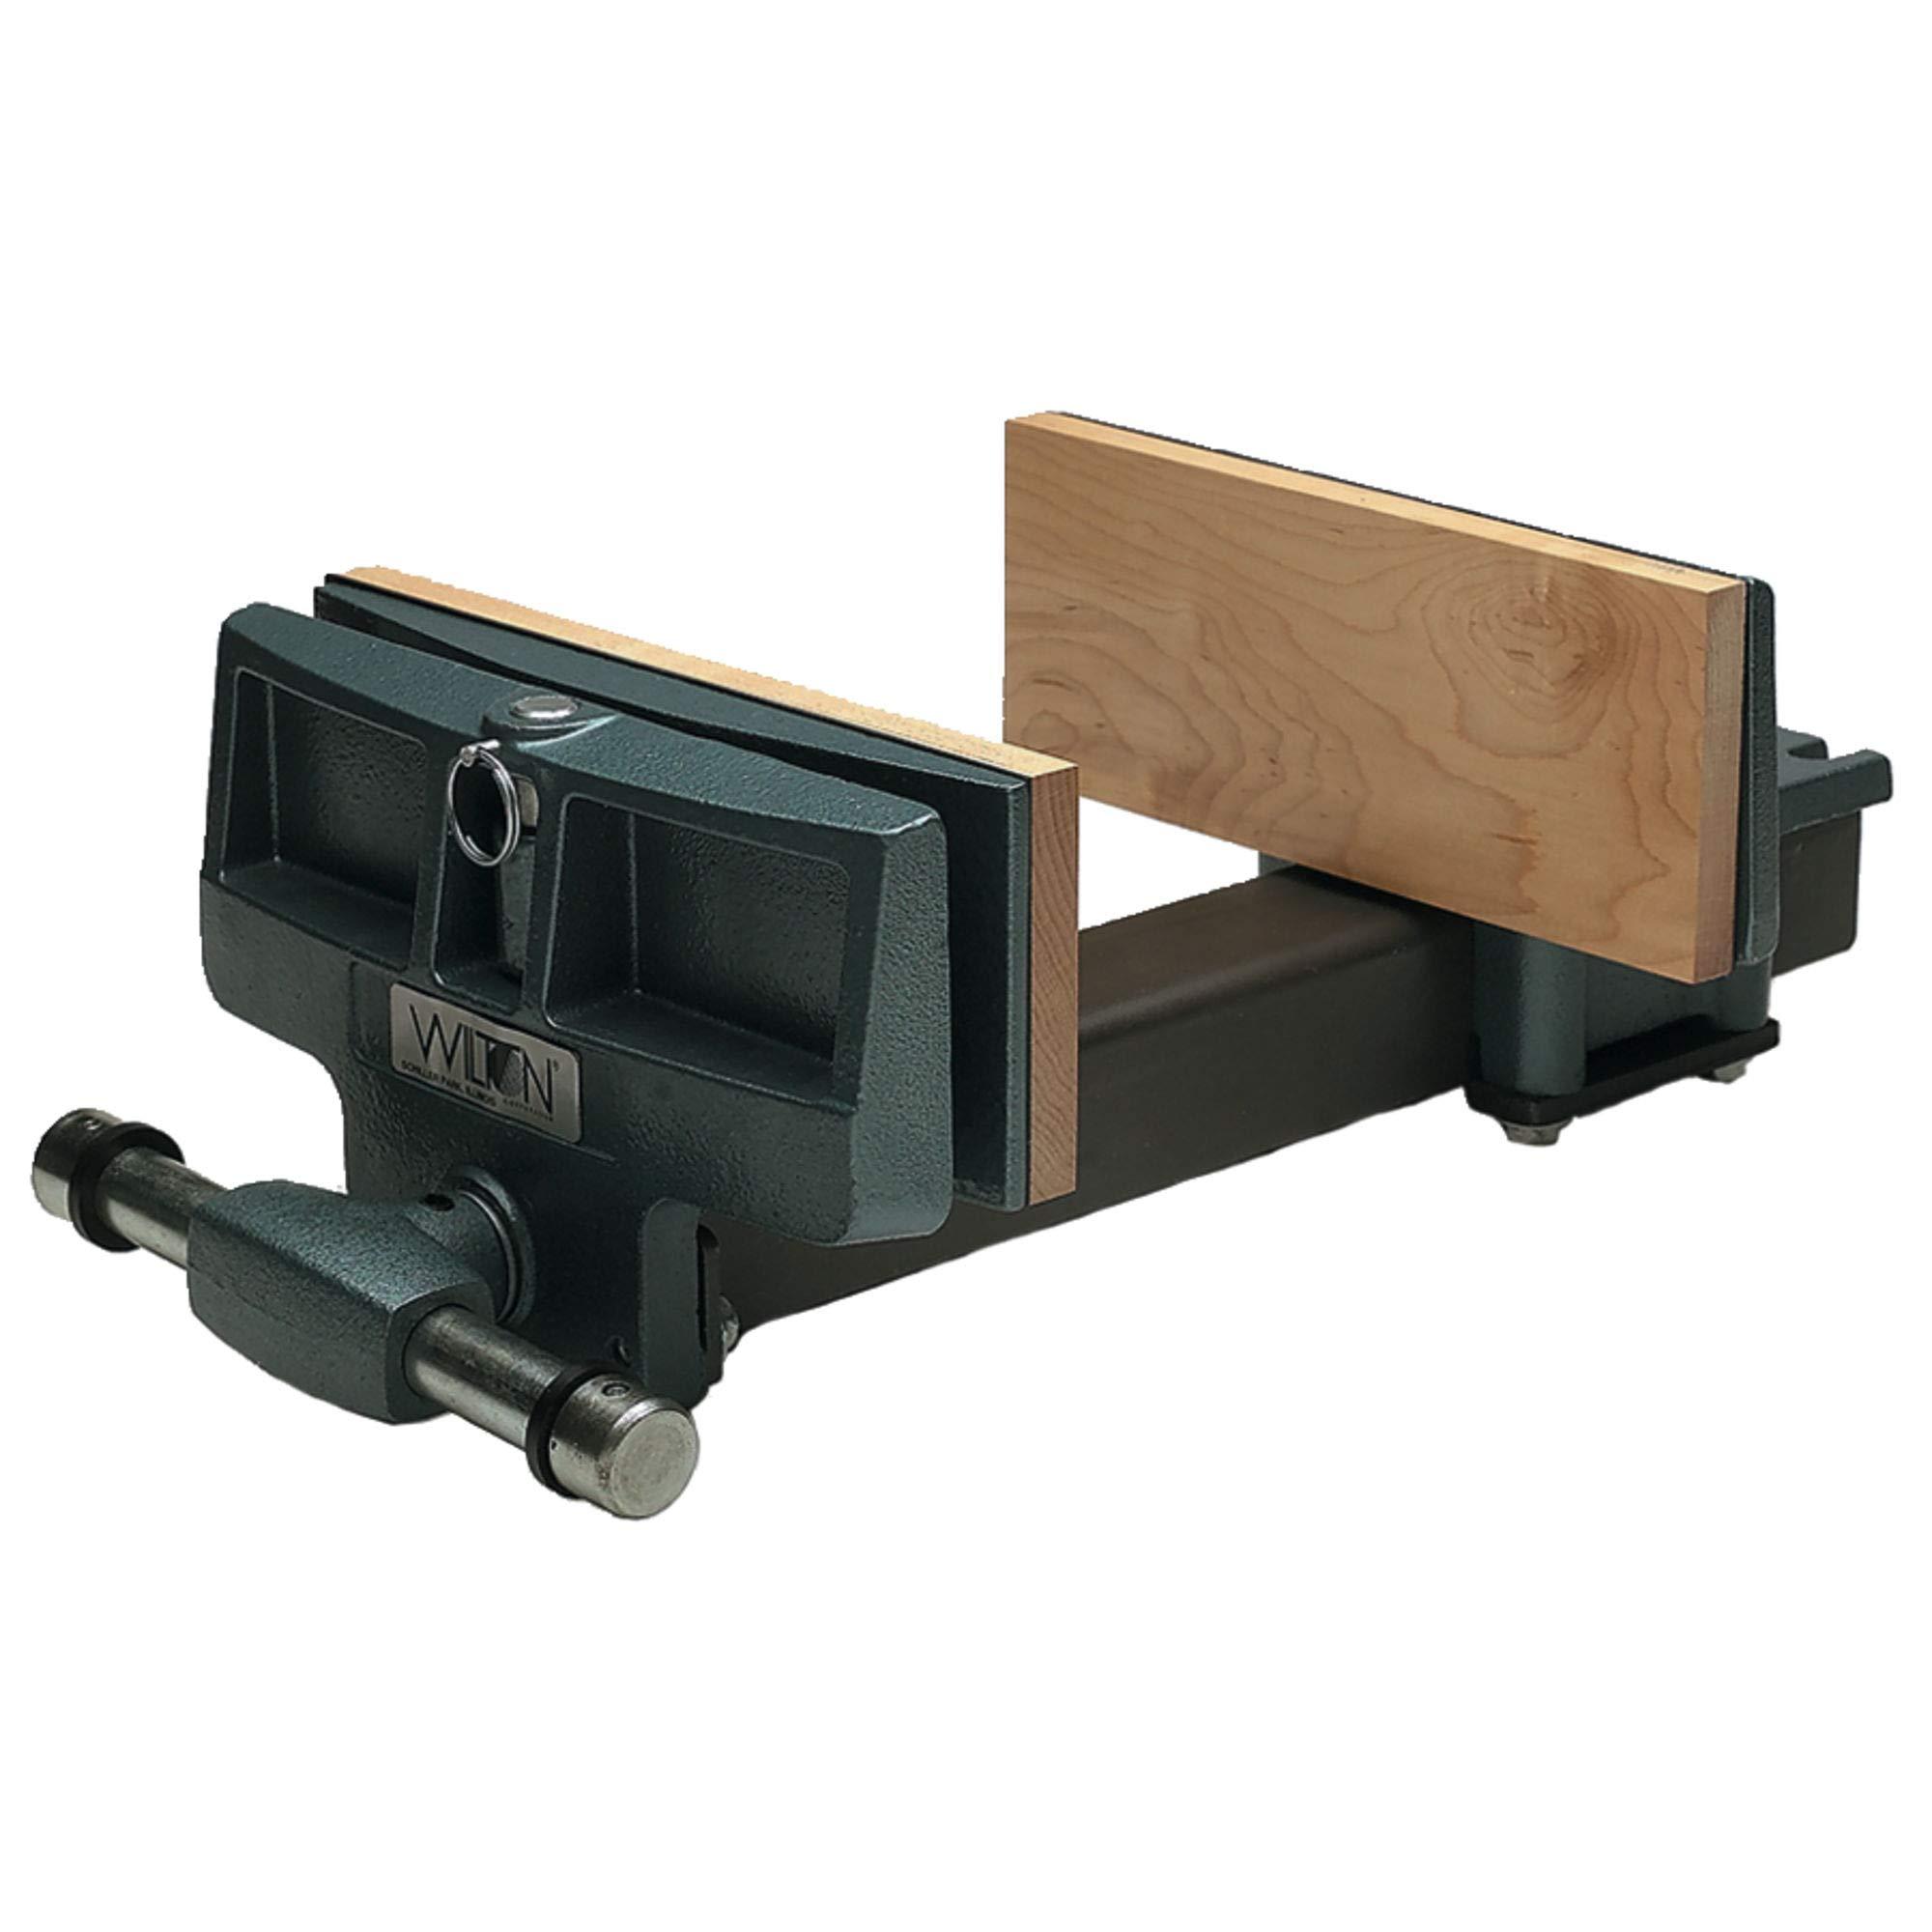 Wilton 63144 Heavy-Duty Woodworking Vise by Wilton